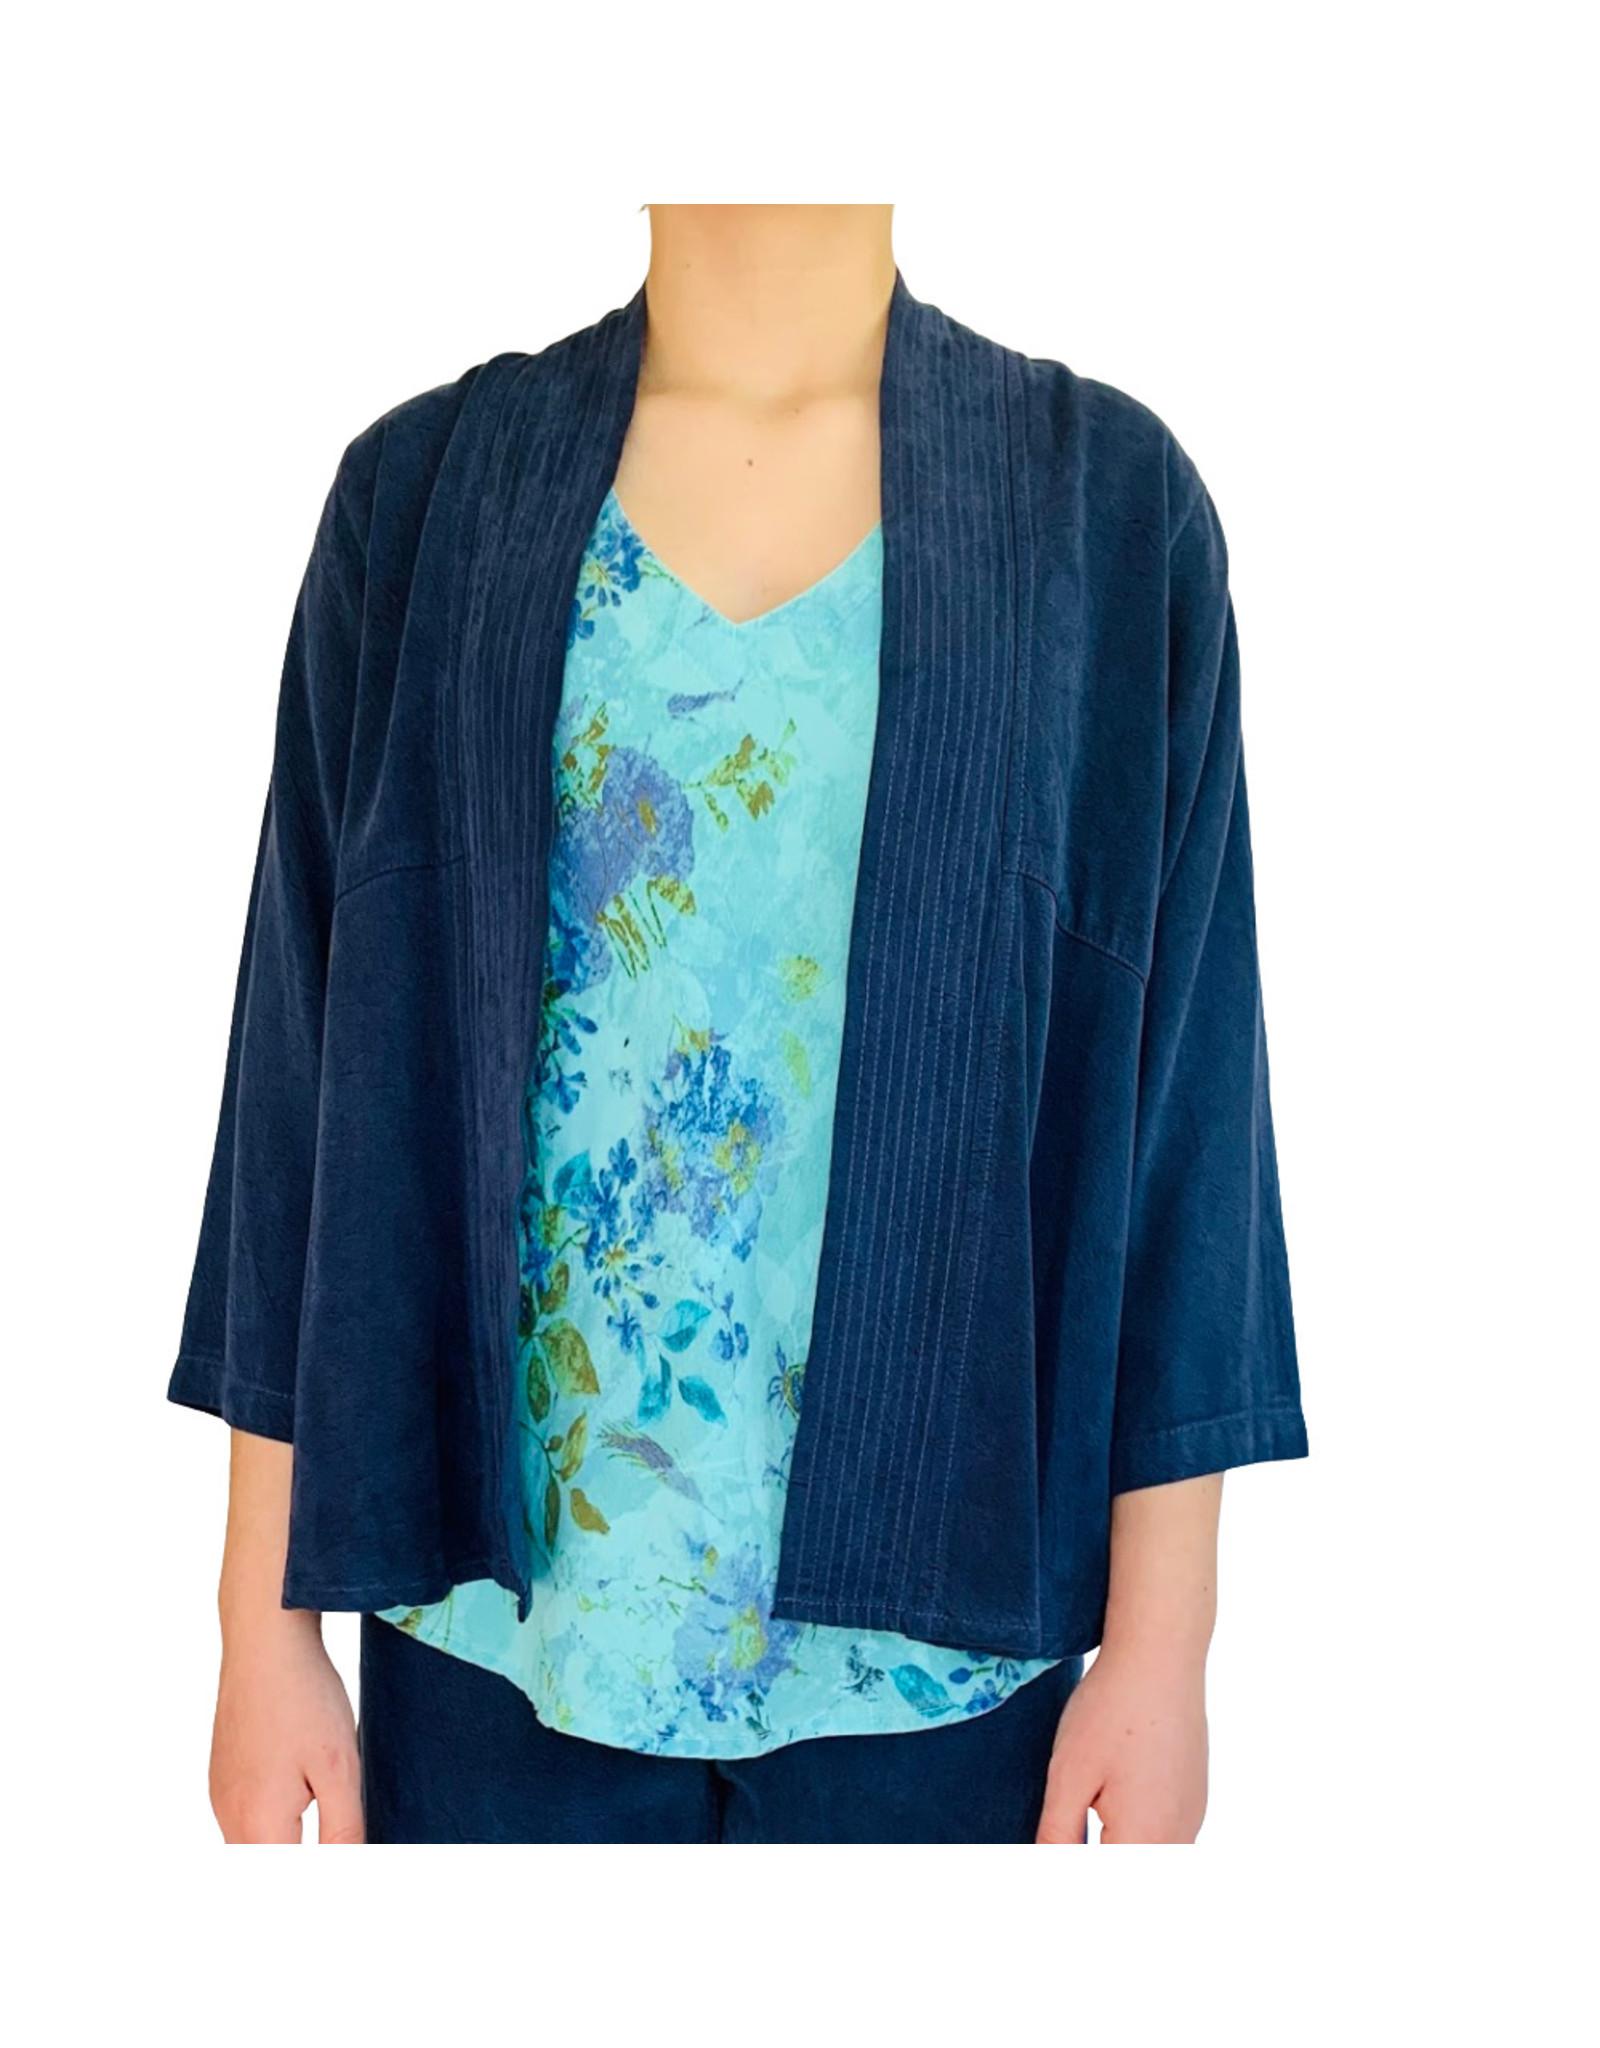 Color Me Cotton CMC Multi Stitched Band Tencel Jacket